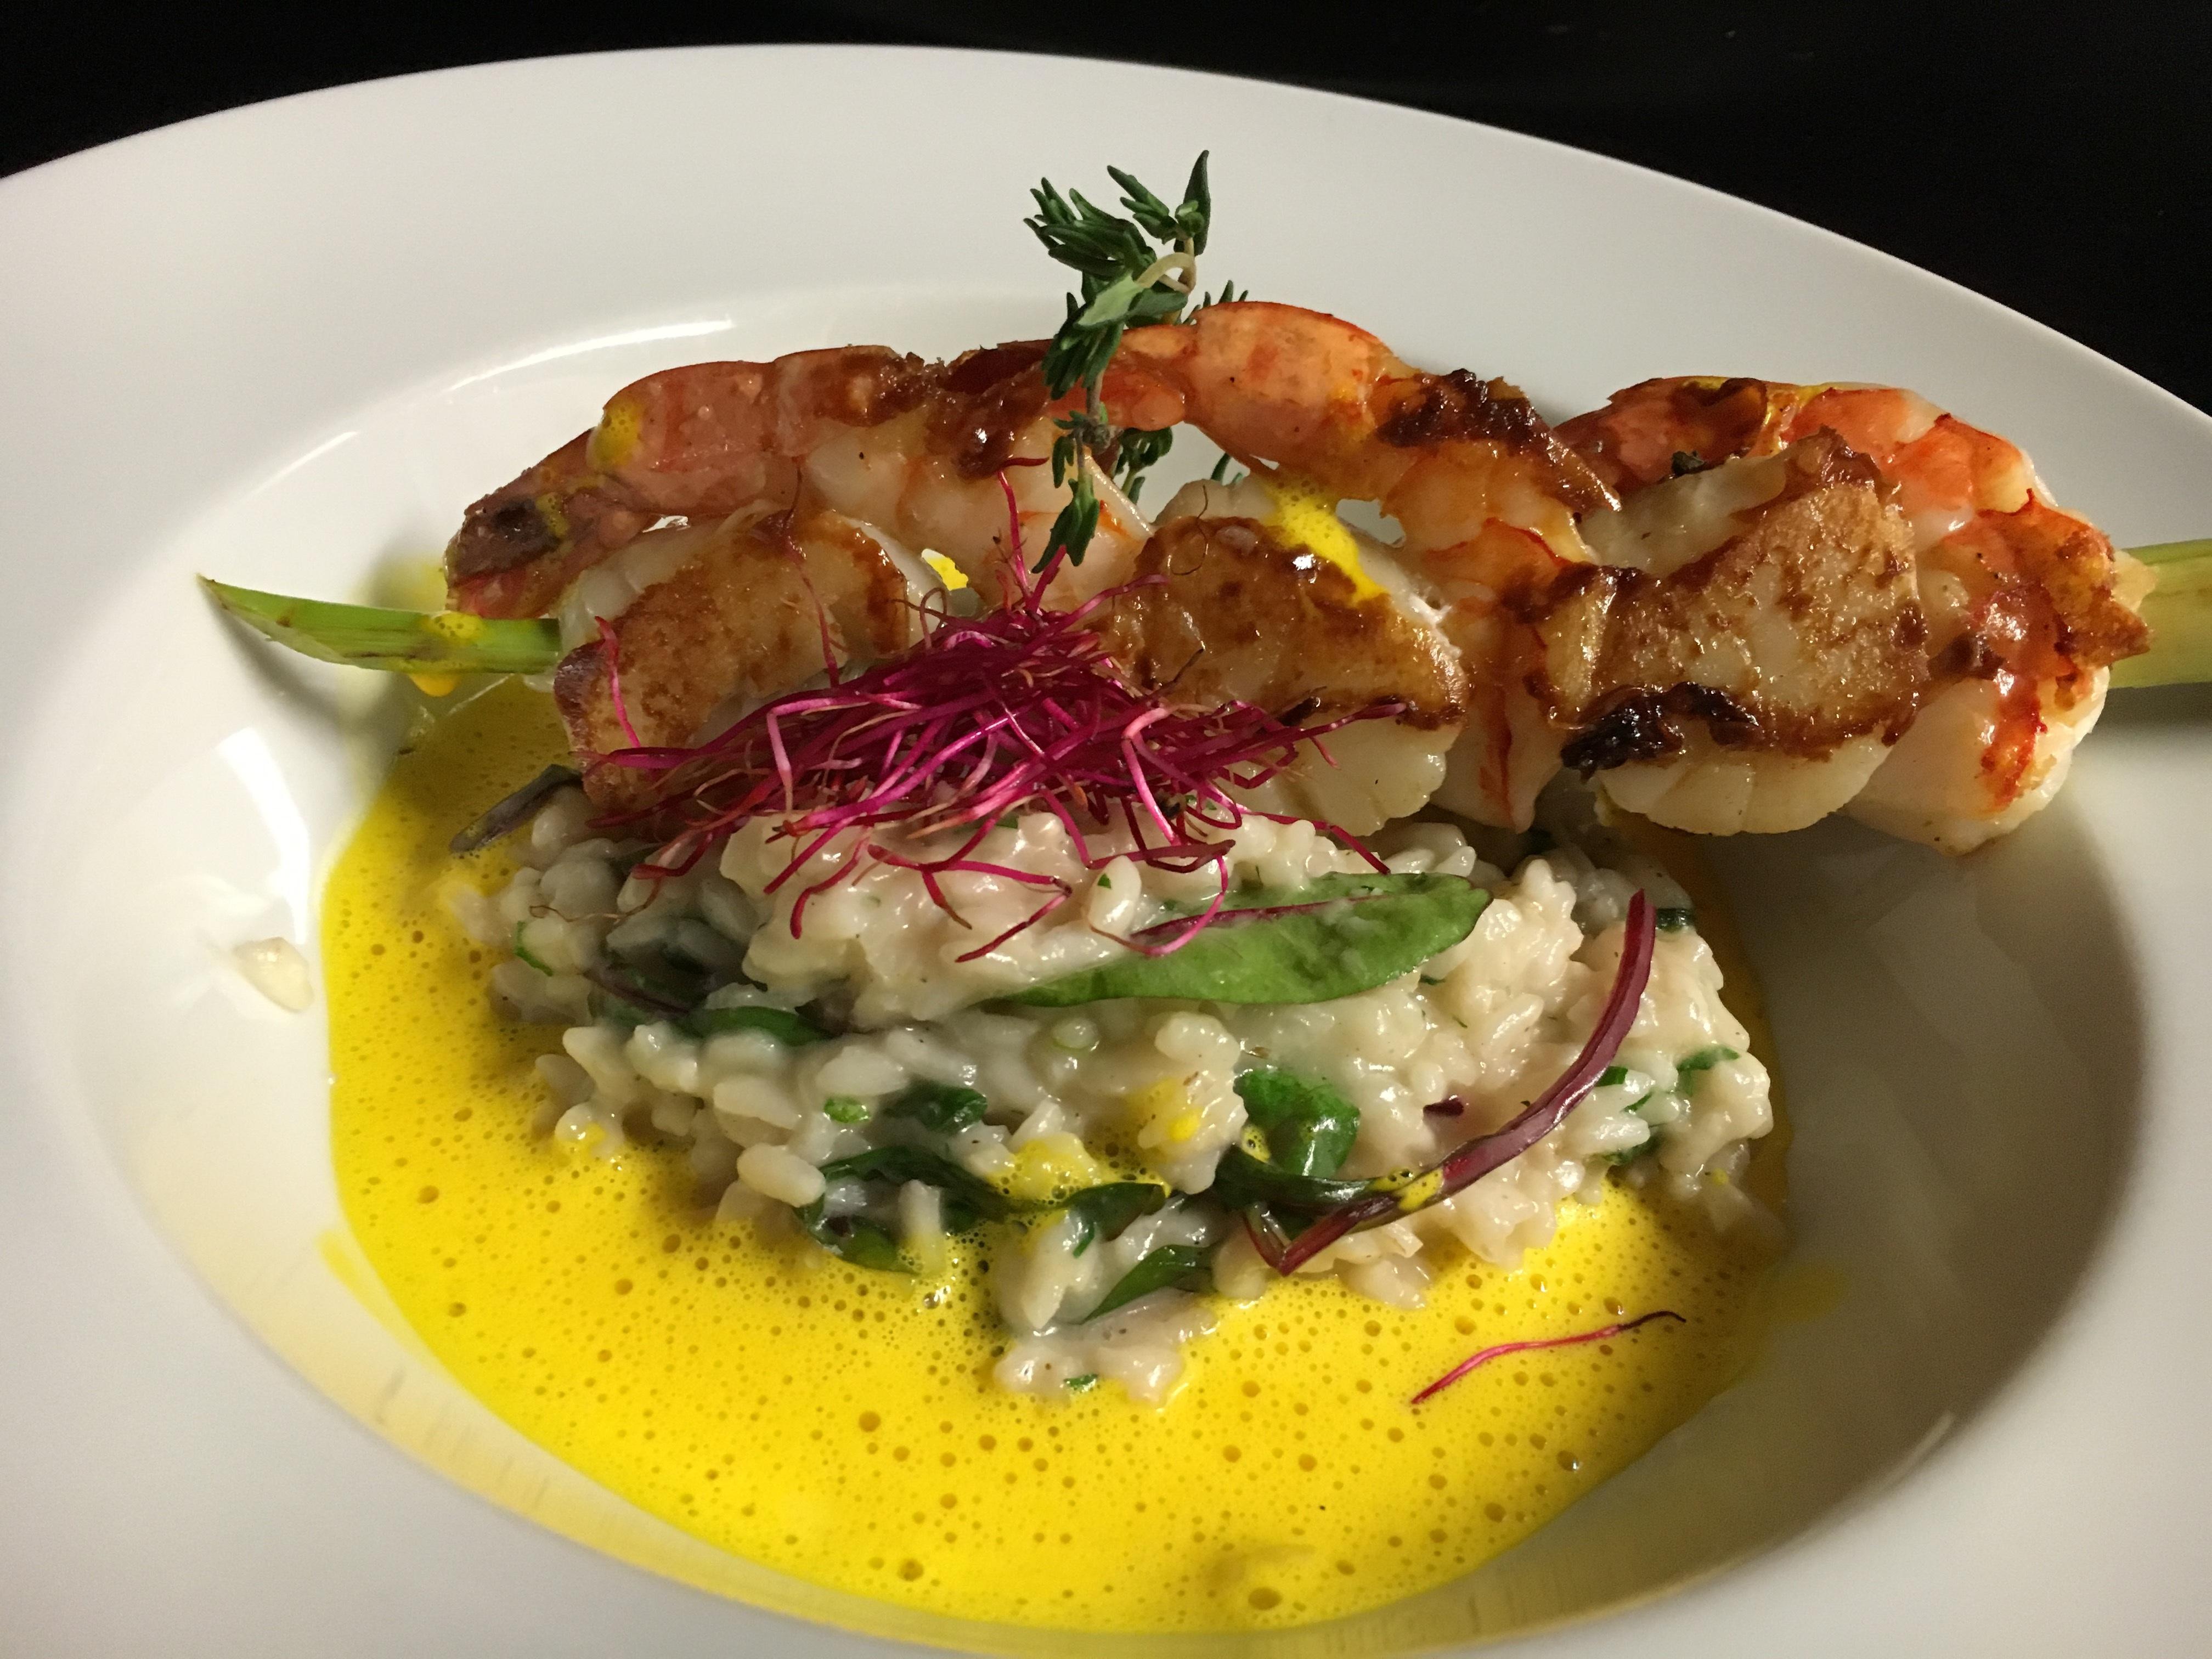 Gratis afbeeldingen schotel maaltijd produceren for Stage de cuisine gastronomique